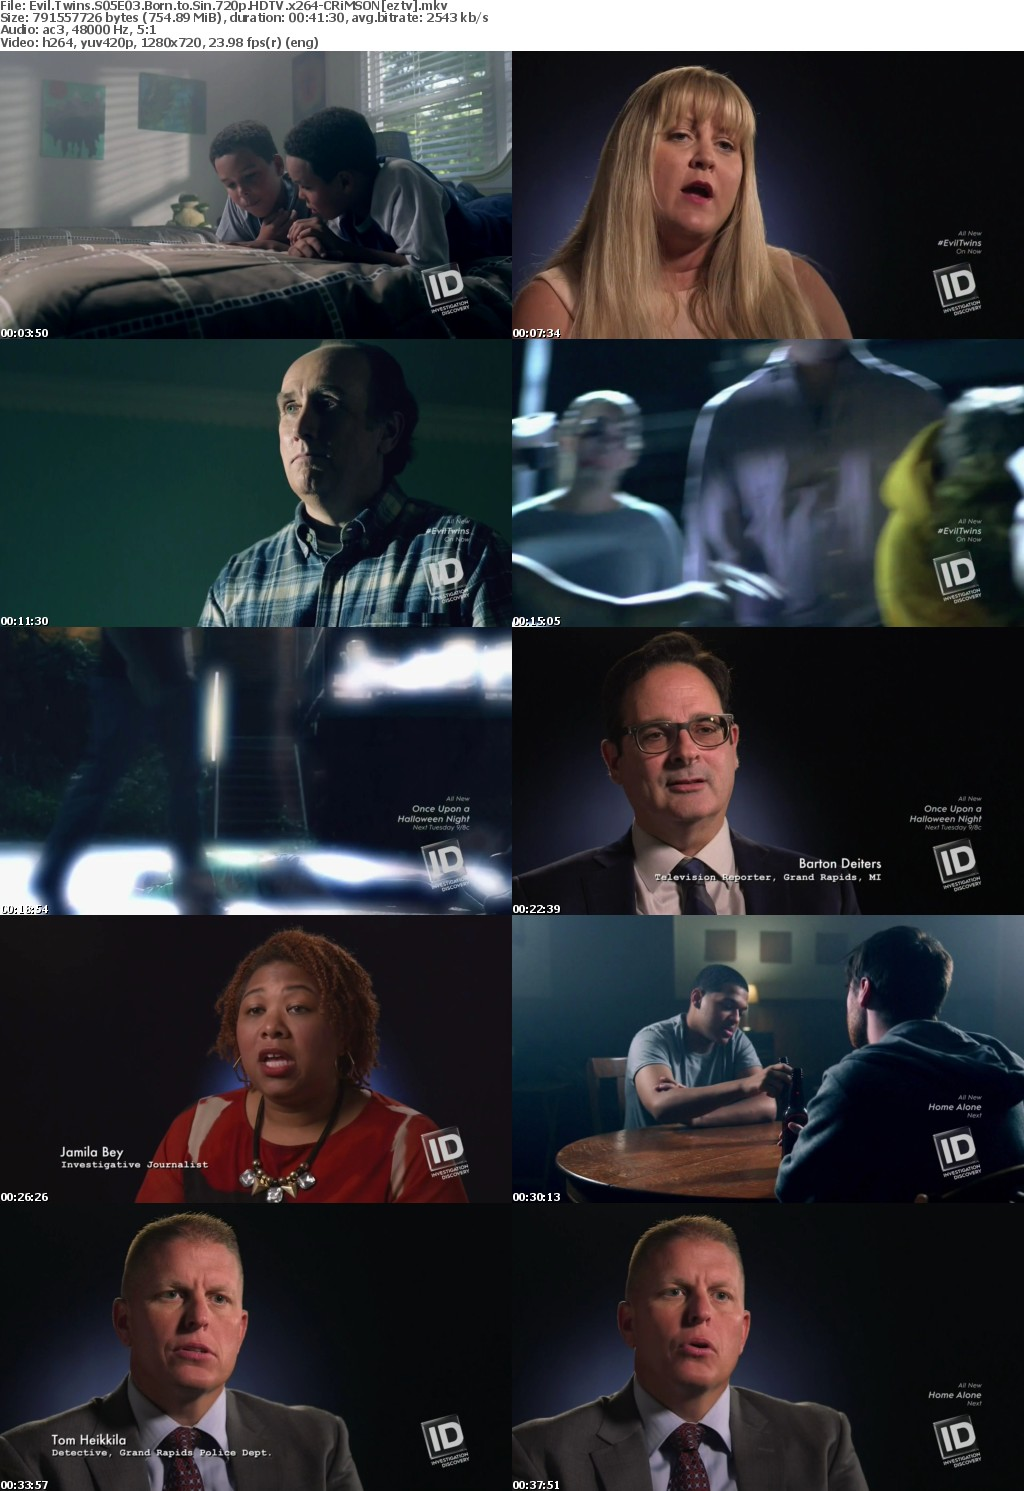 Evil Twins S05E03 Born to Sin 720p HDTV x264-CRiMSON